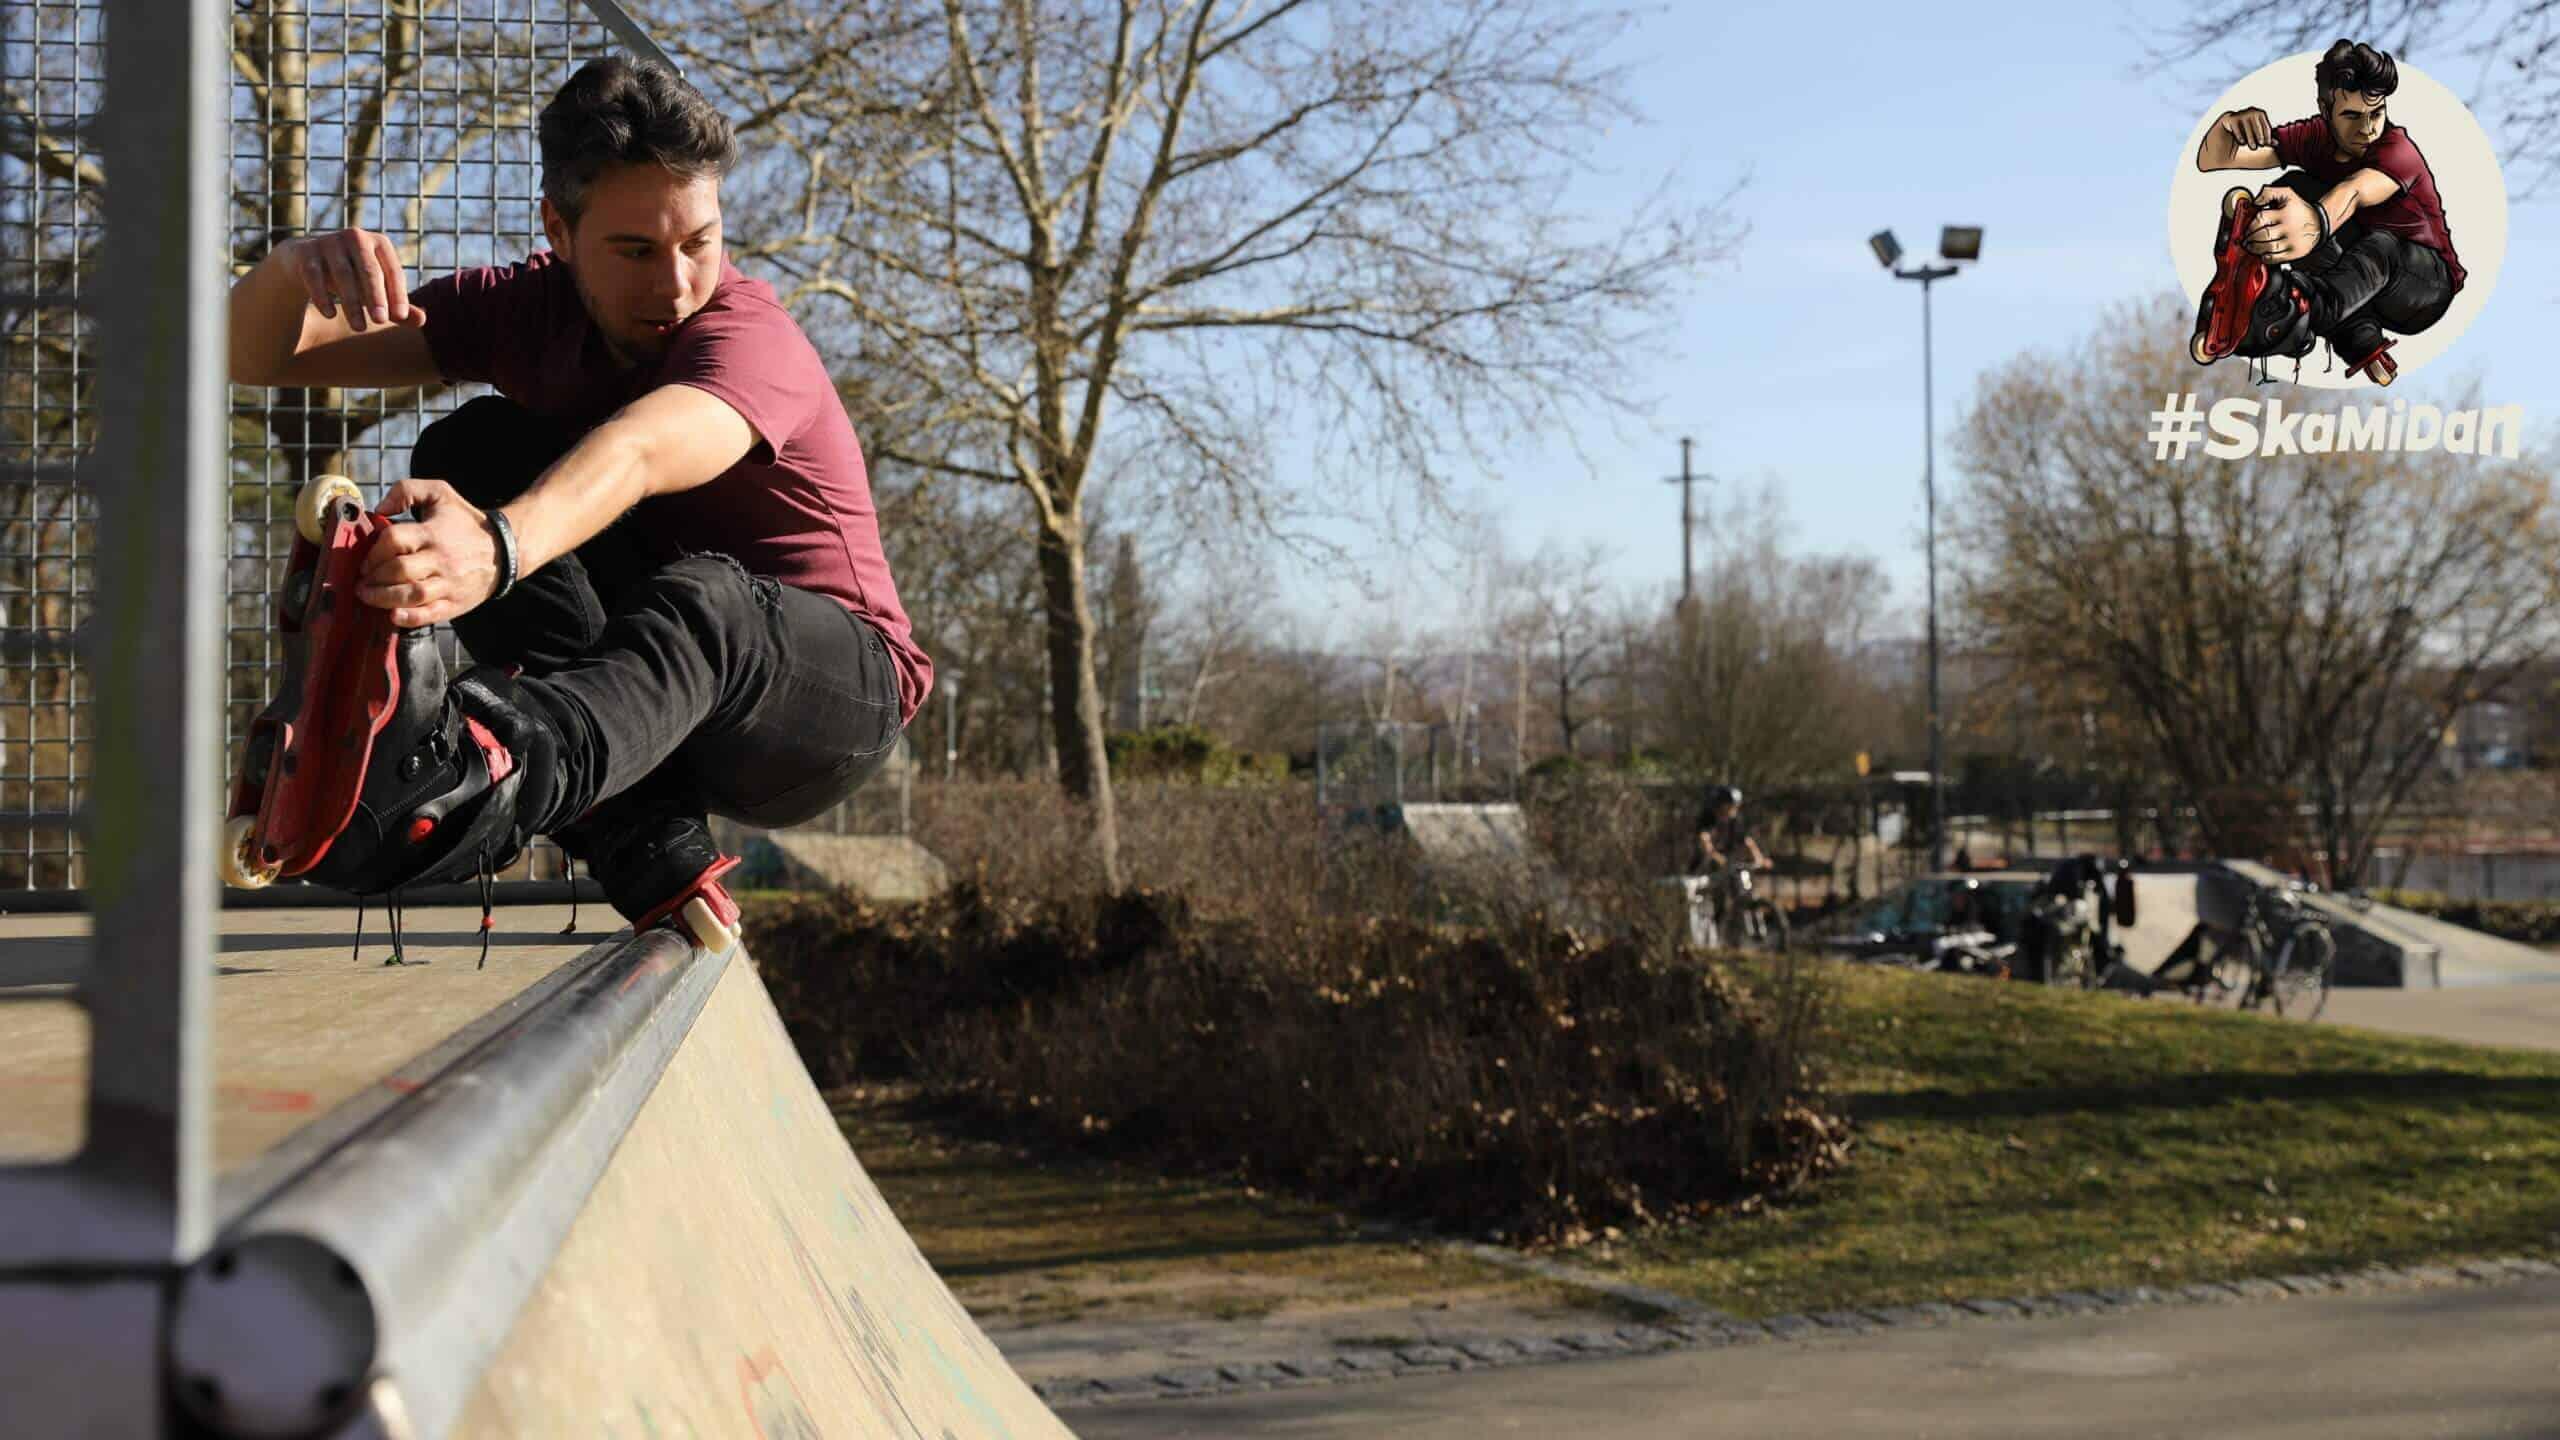 2021_06_Daniel Lott — SkaMiDan Skating Team_001_4K